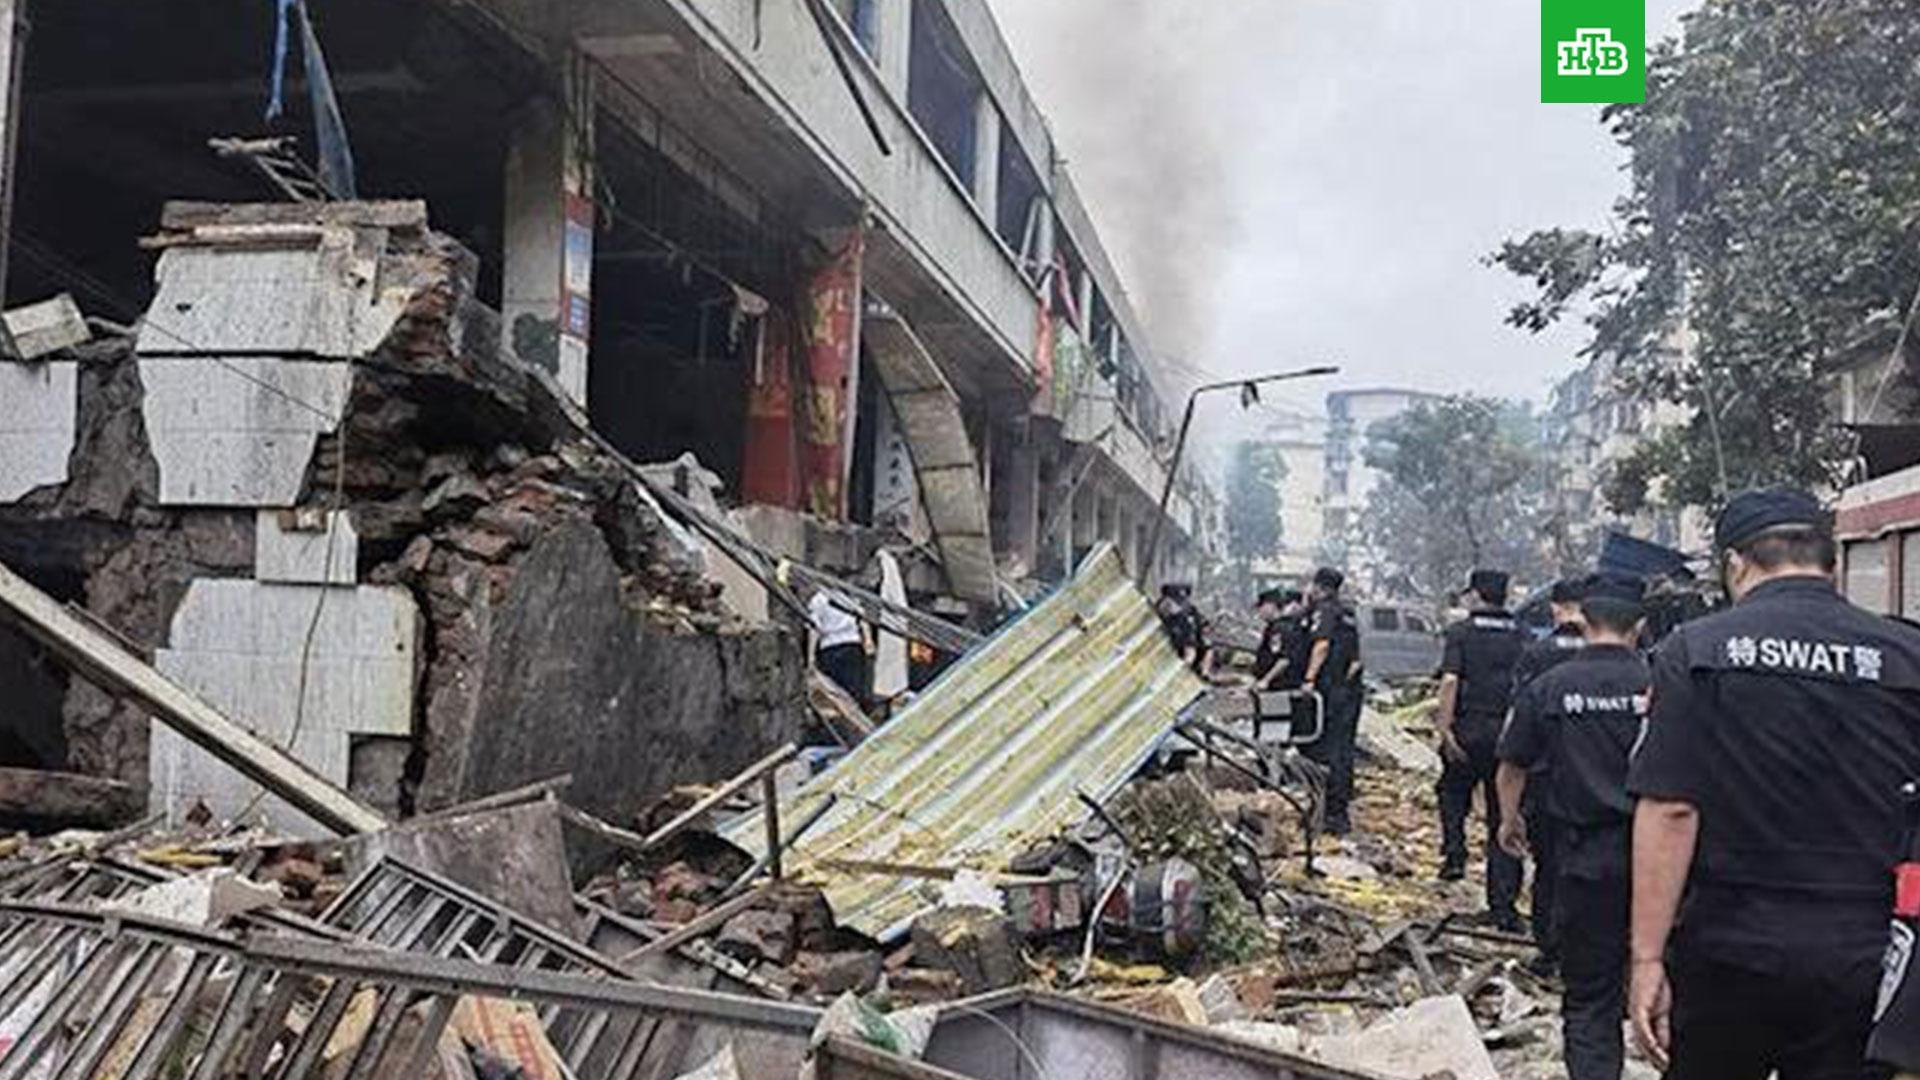 Мощный взрыв разрушил рынок в Китае: погибли не менее 11 человек // НТВ.Ru